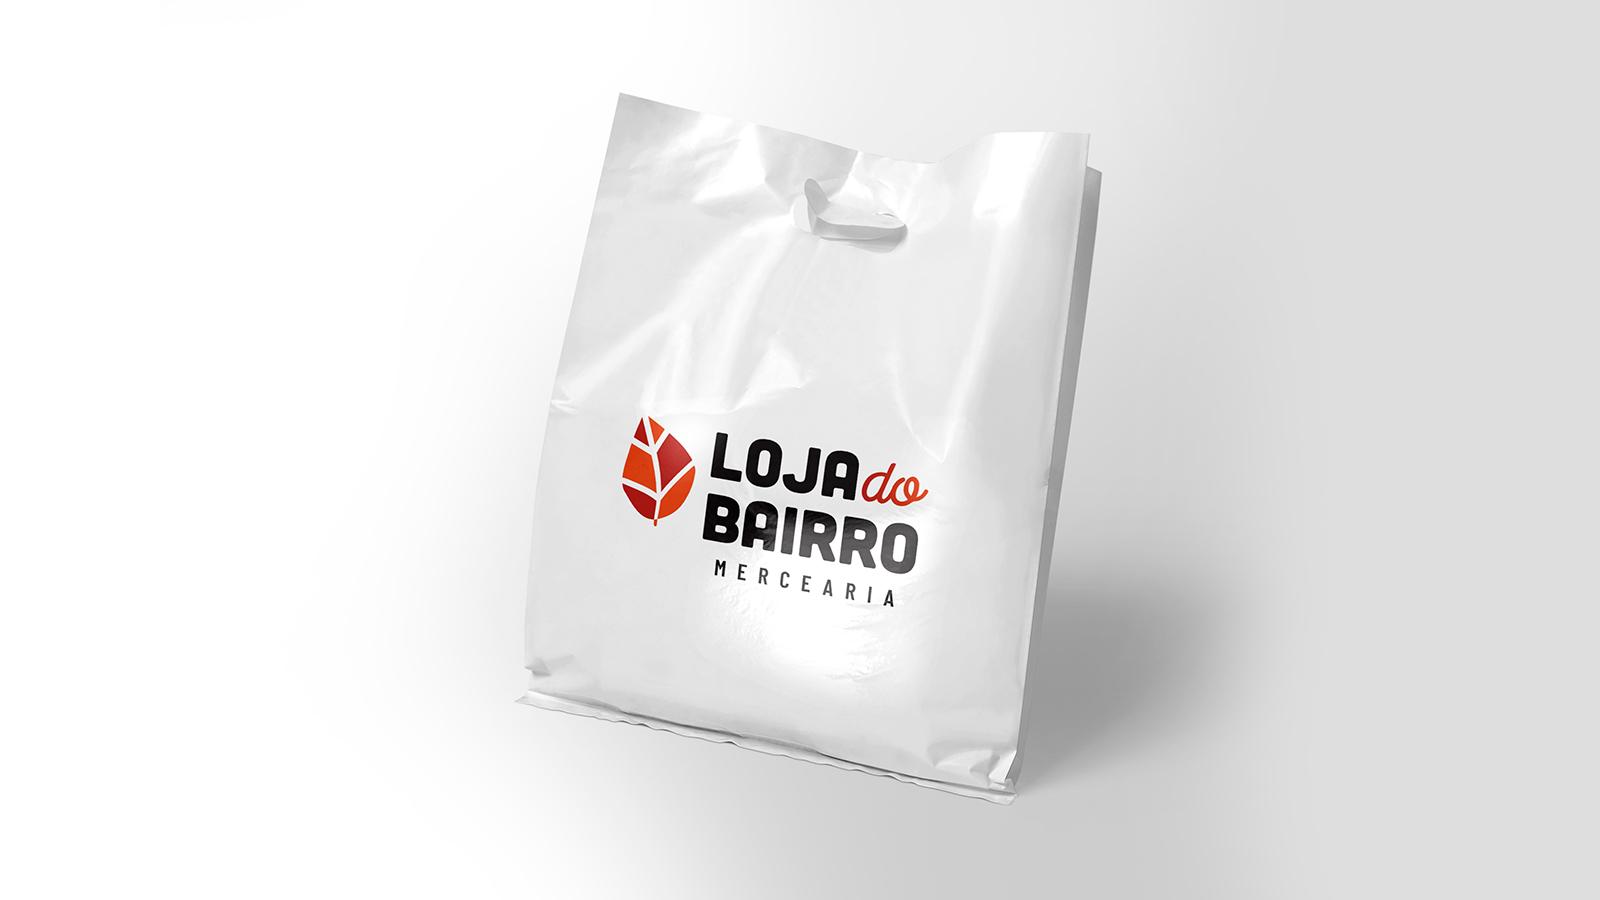 logotipo supermercado